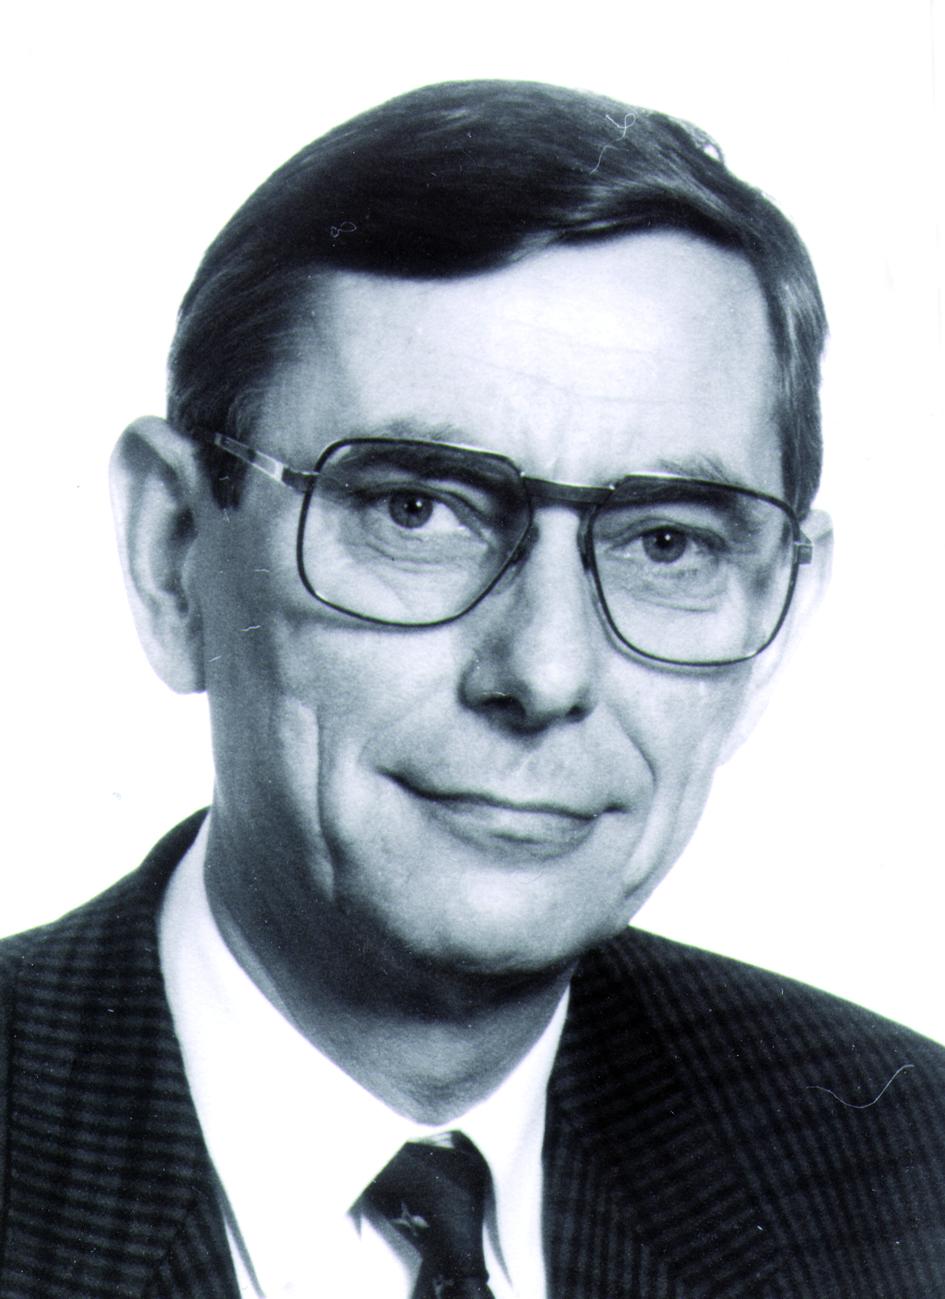 Portraitfoto von Herrn Karl-Heinz Höhne.